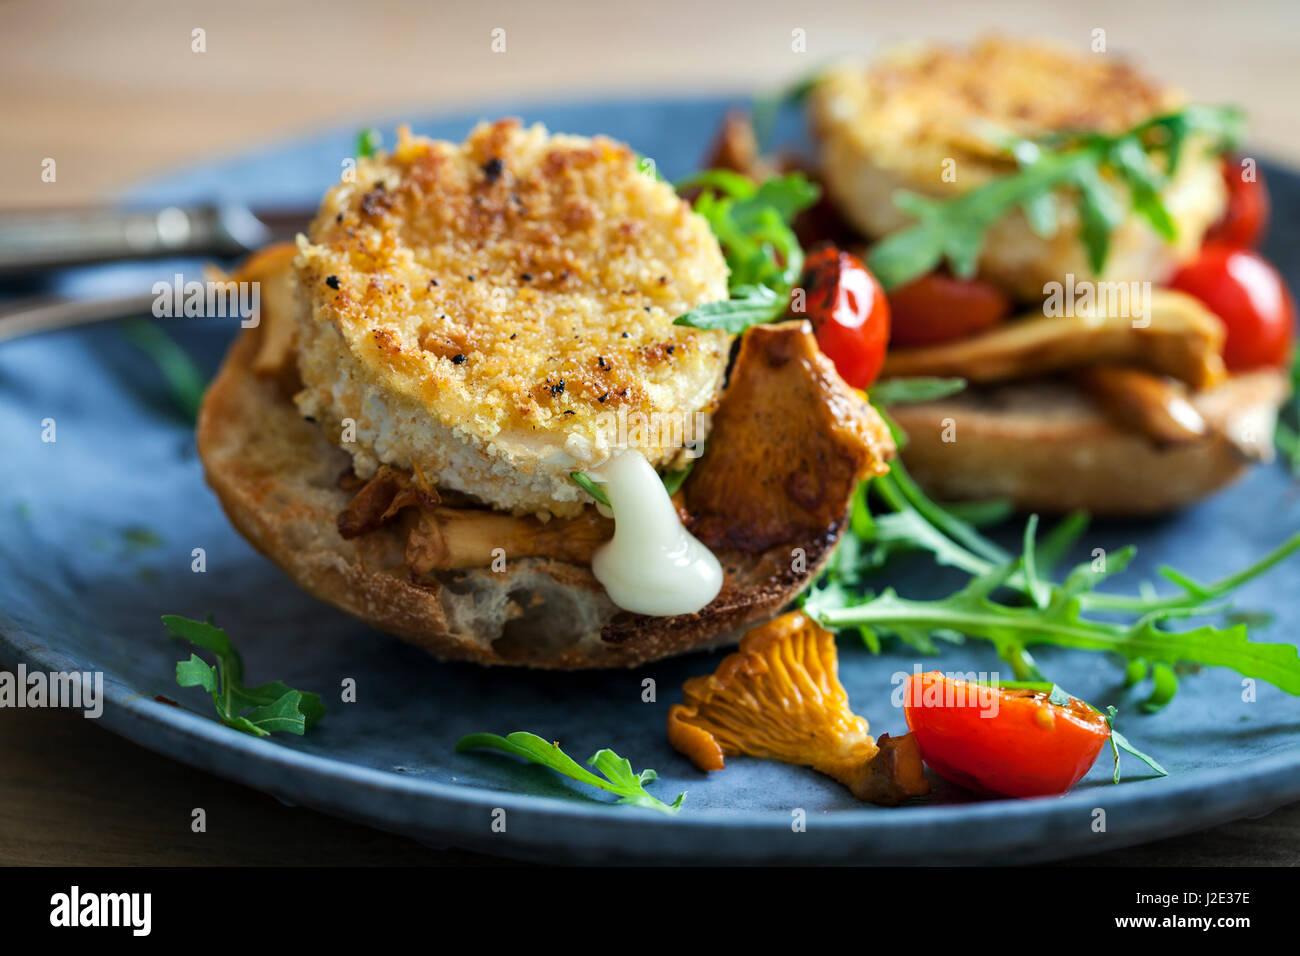 Queso de cabra cocida en pan de masa fermentada con cantharellus setas y tomates cherry Imagen De Stock